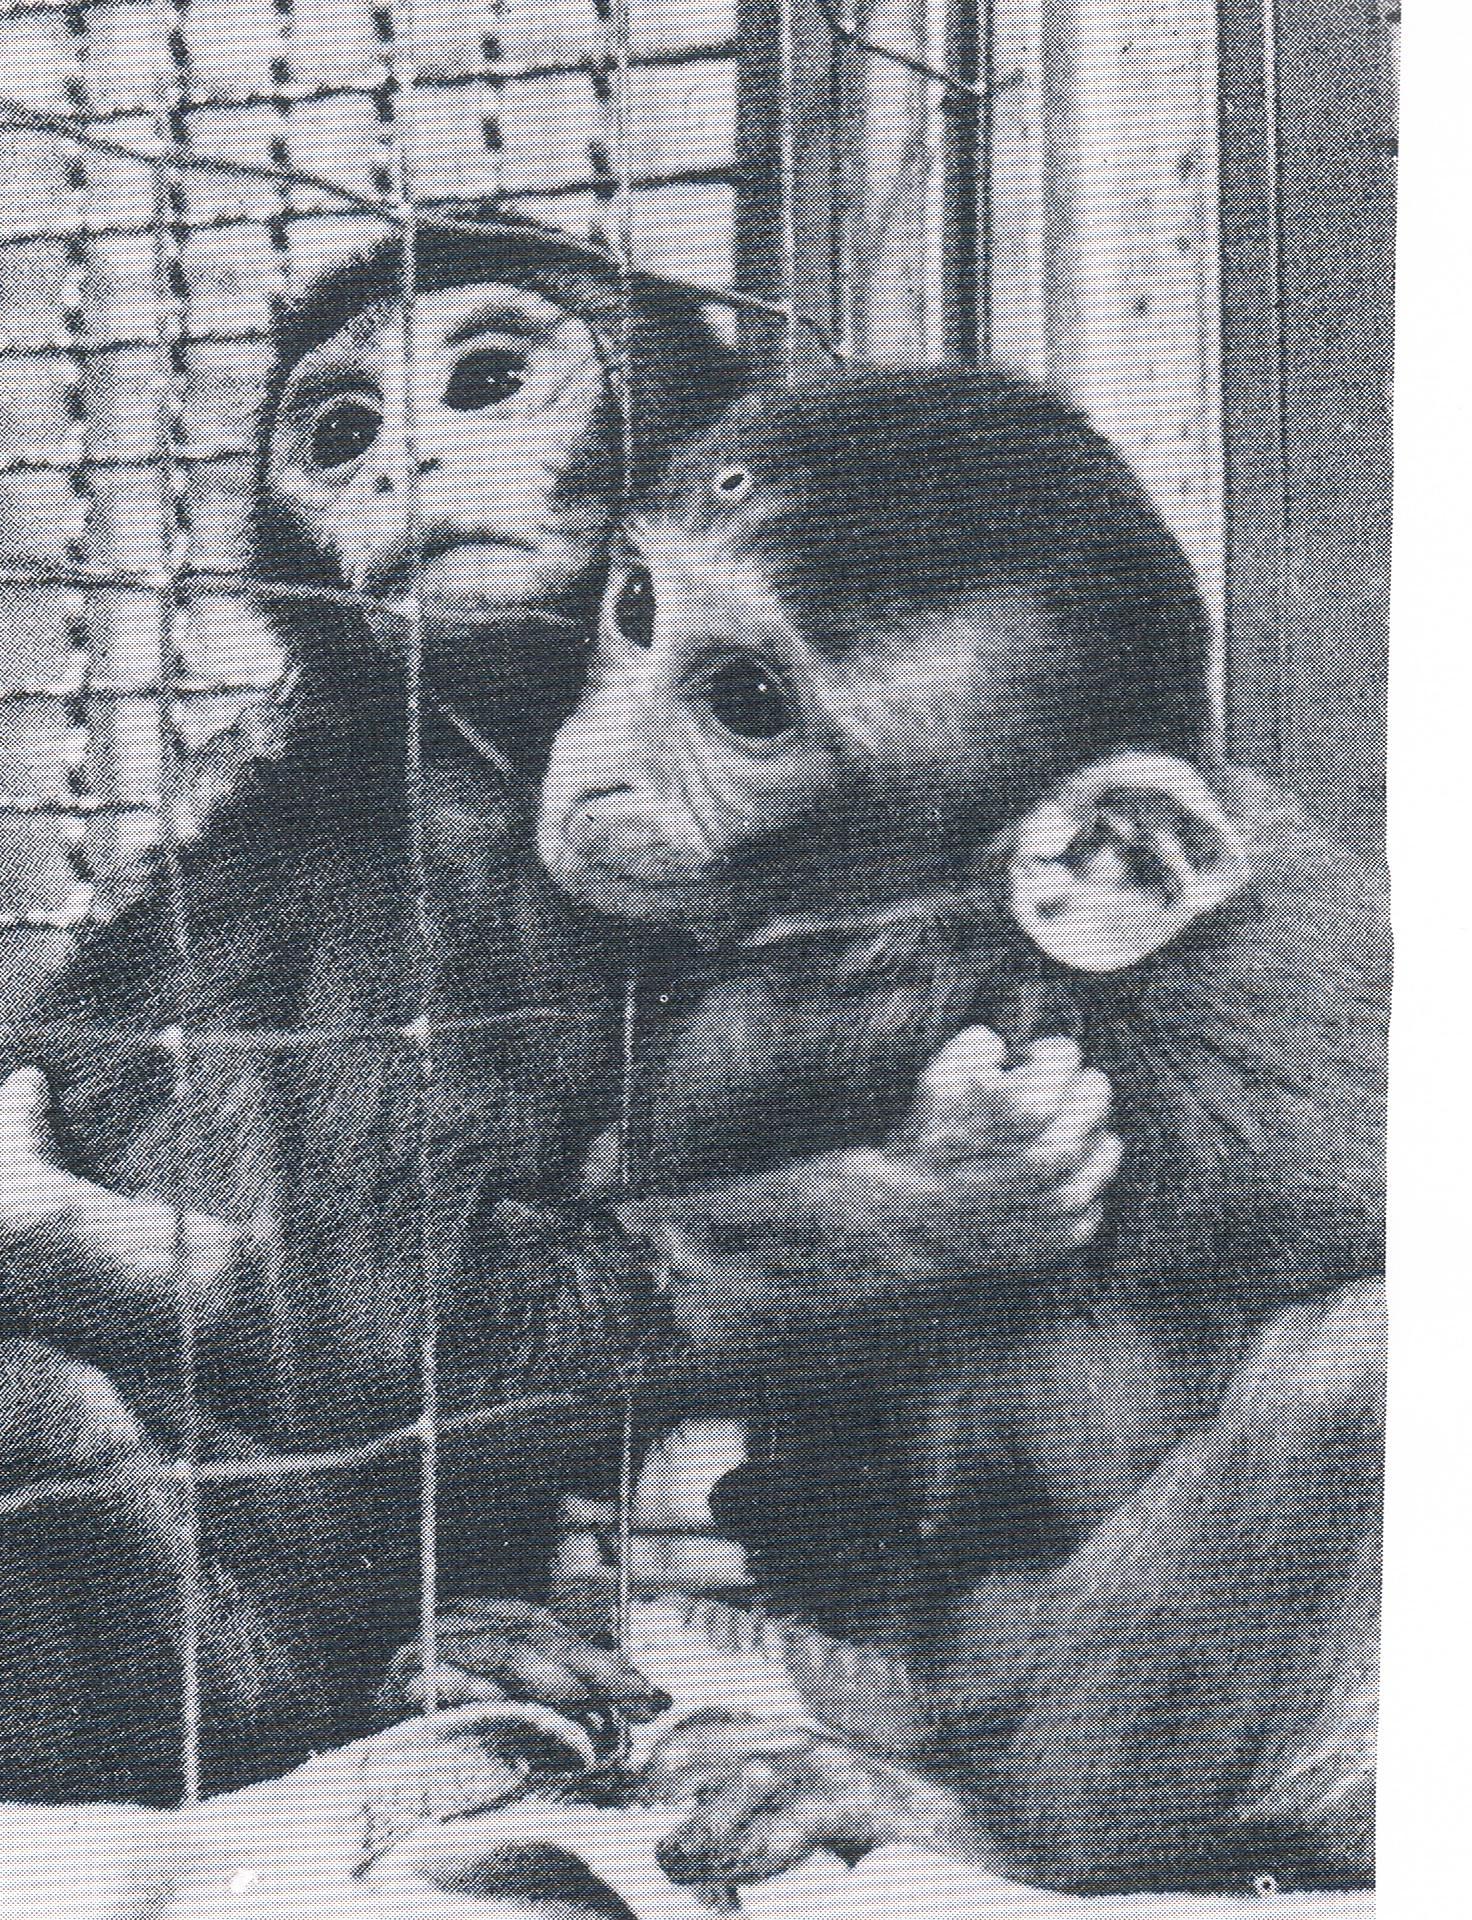 monkeys-animal-aid